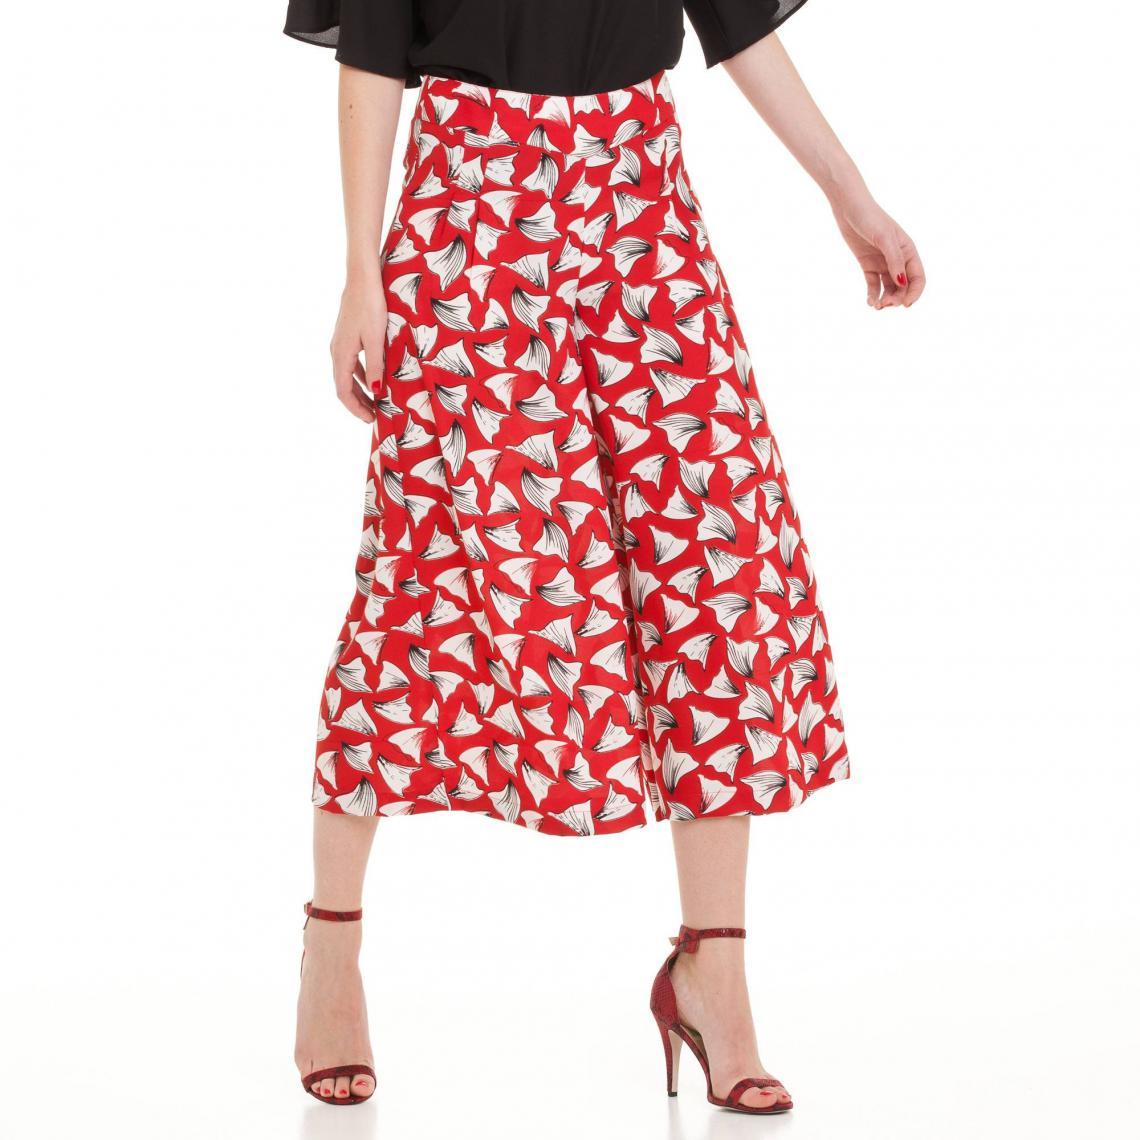 1349bb79ea42b Jupe-culotte fluide imprimée extra large femme - Bicolore Rouge 3 Suisses  Collection Femme